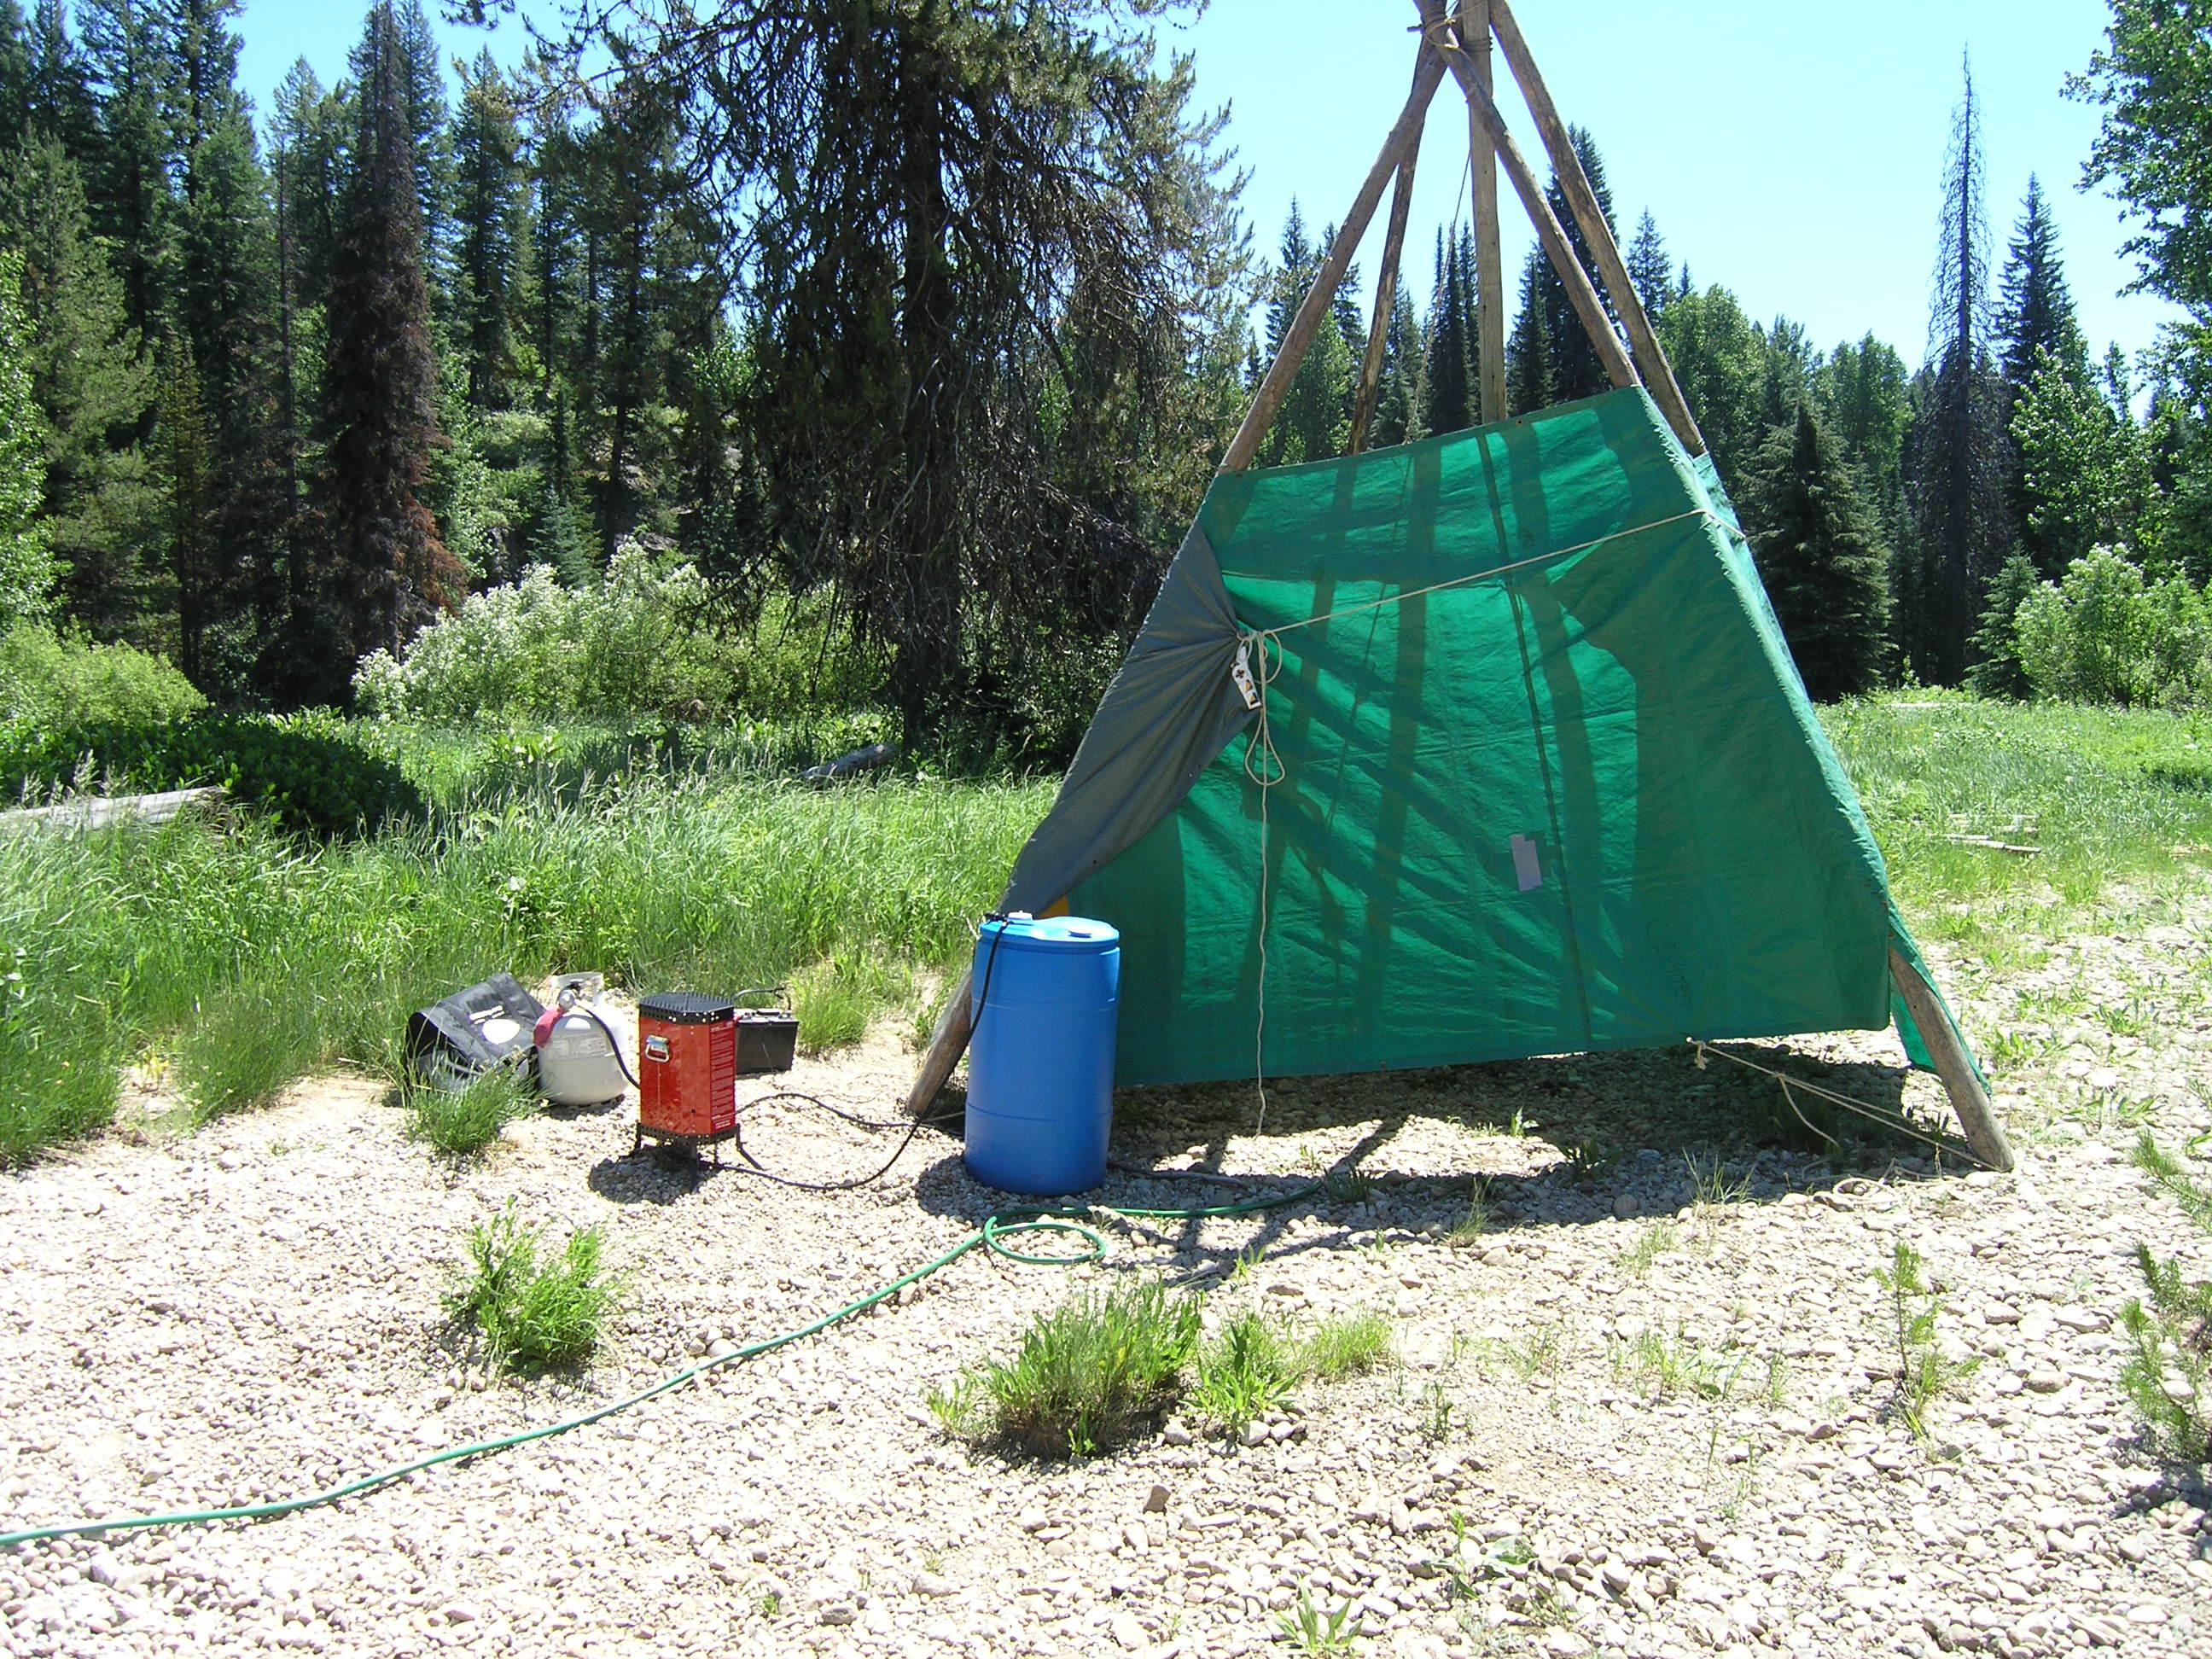 Camp Pedde